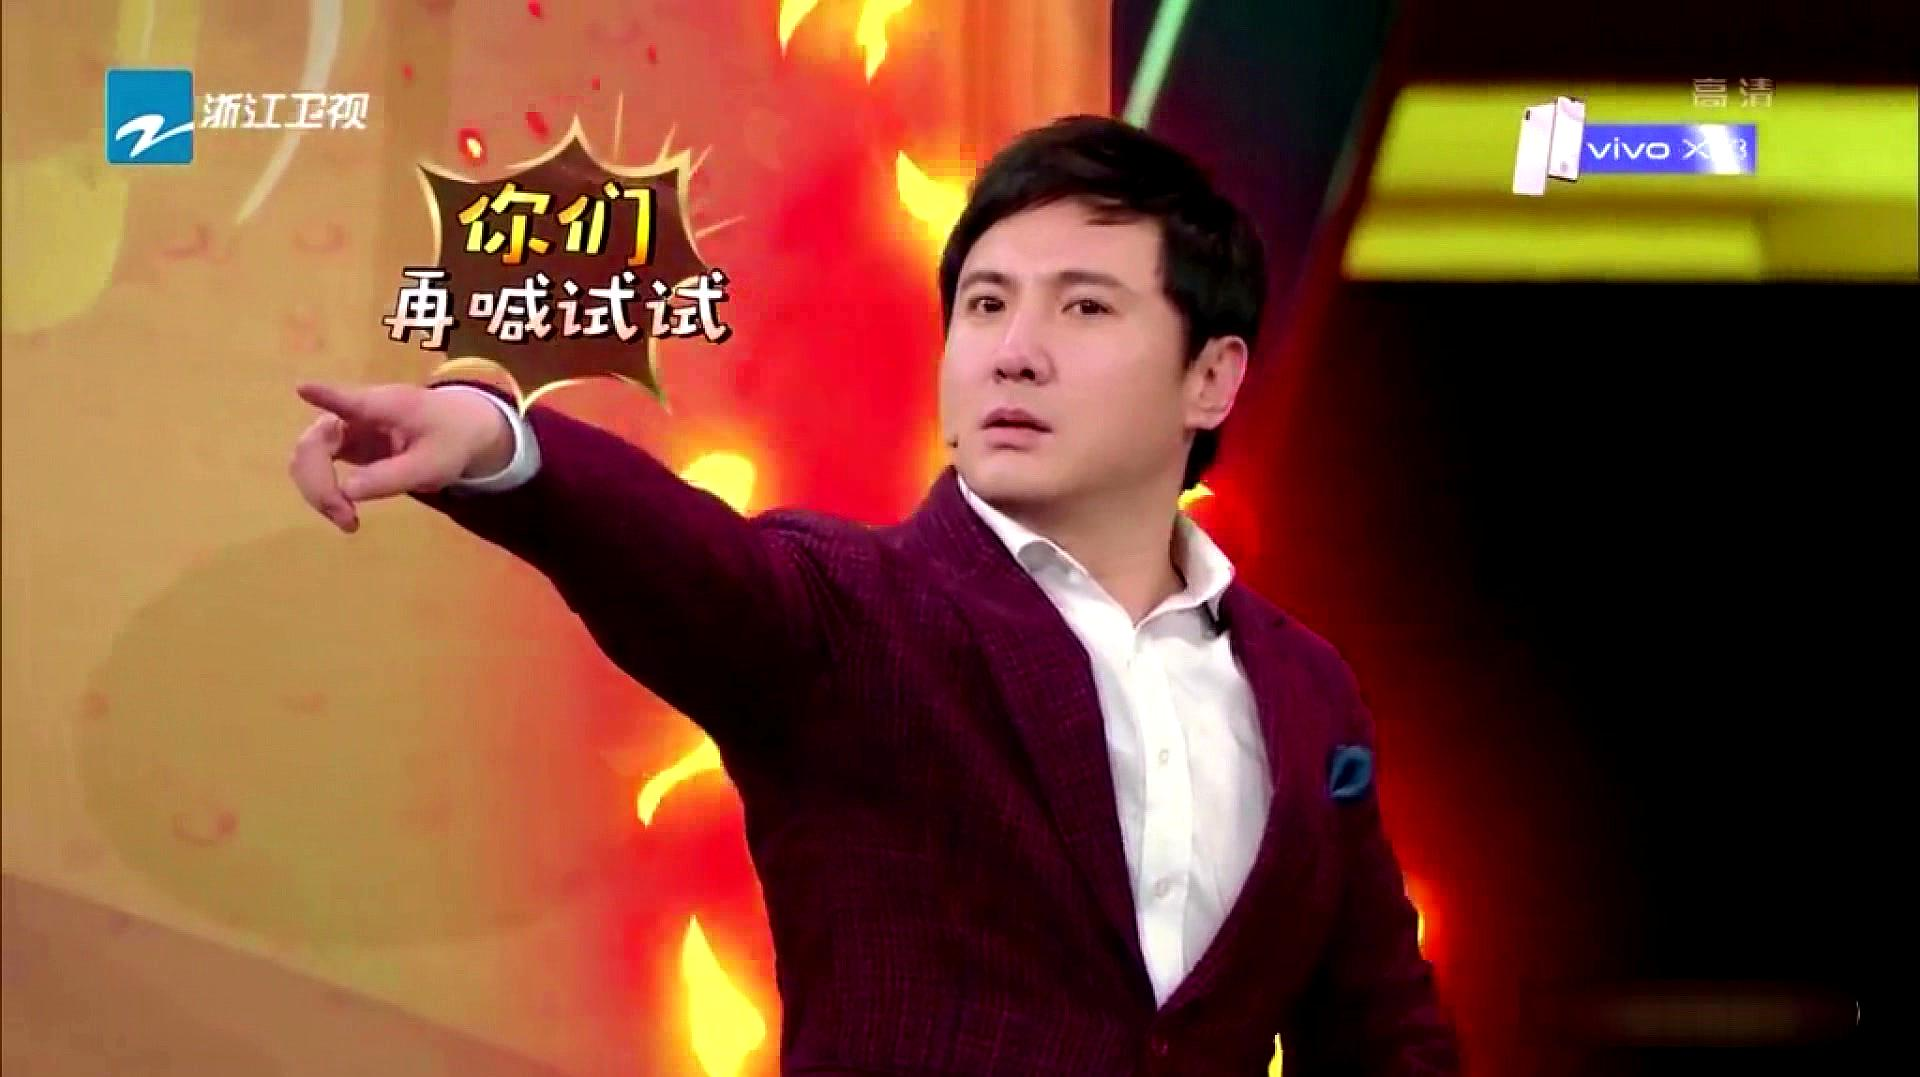 主持人问谁先举得手,观众齐喊王源,沈腾:我的那三个粉丝呢?